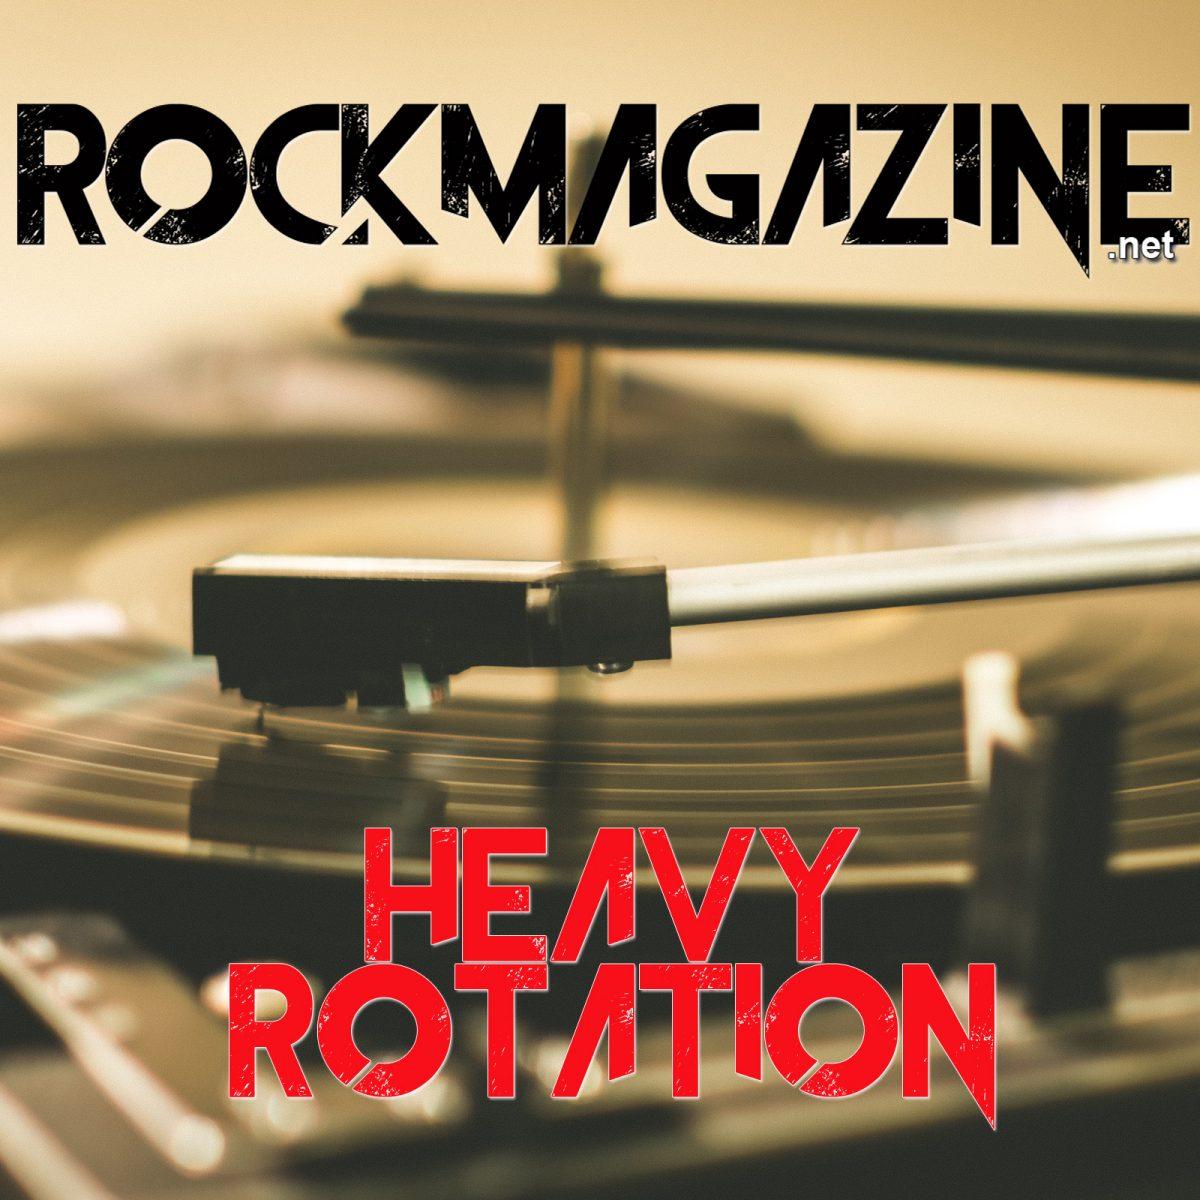 rockmagazine-heavy-rotation-die-spotify-playlist